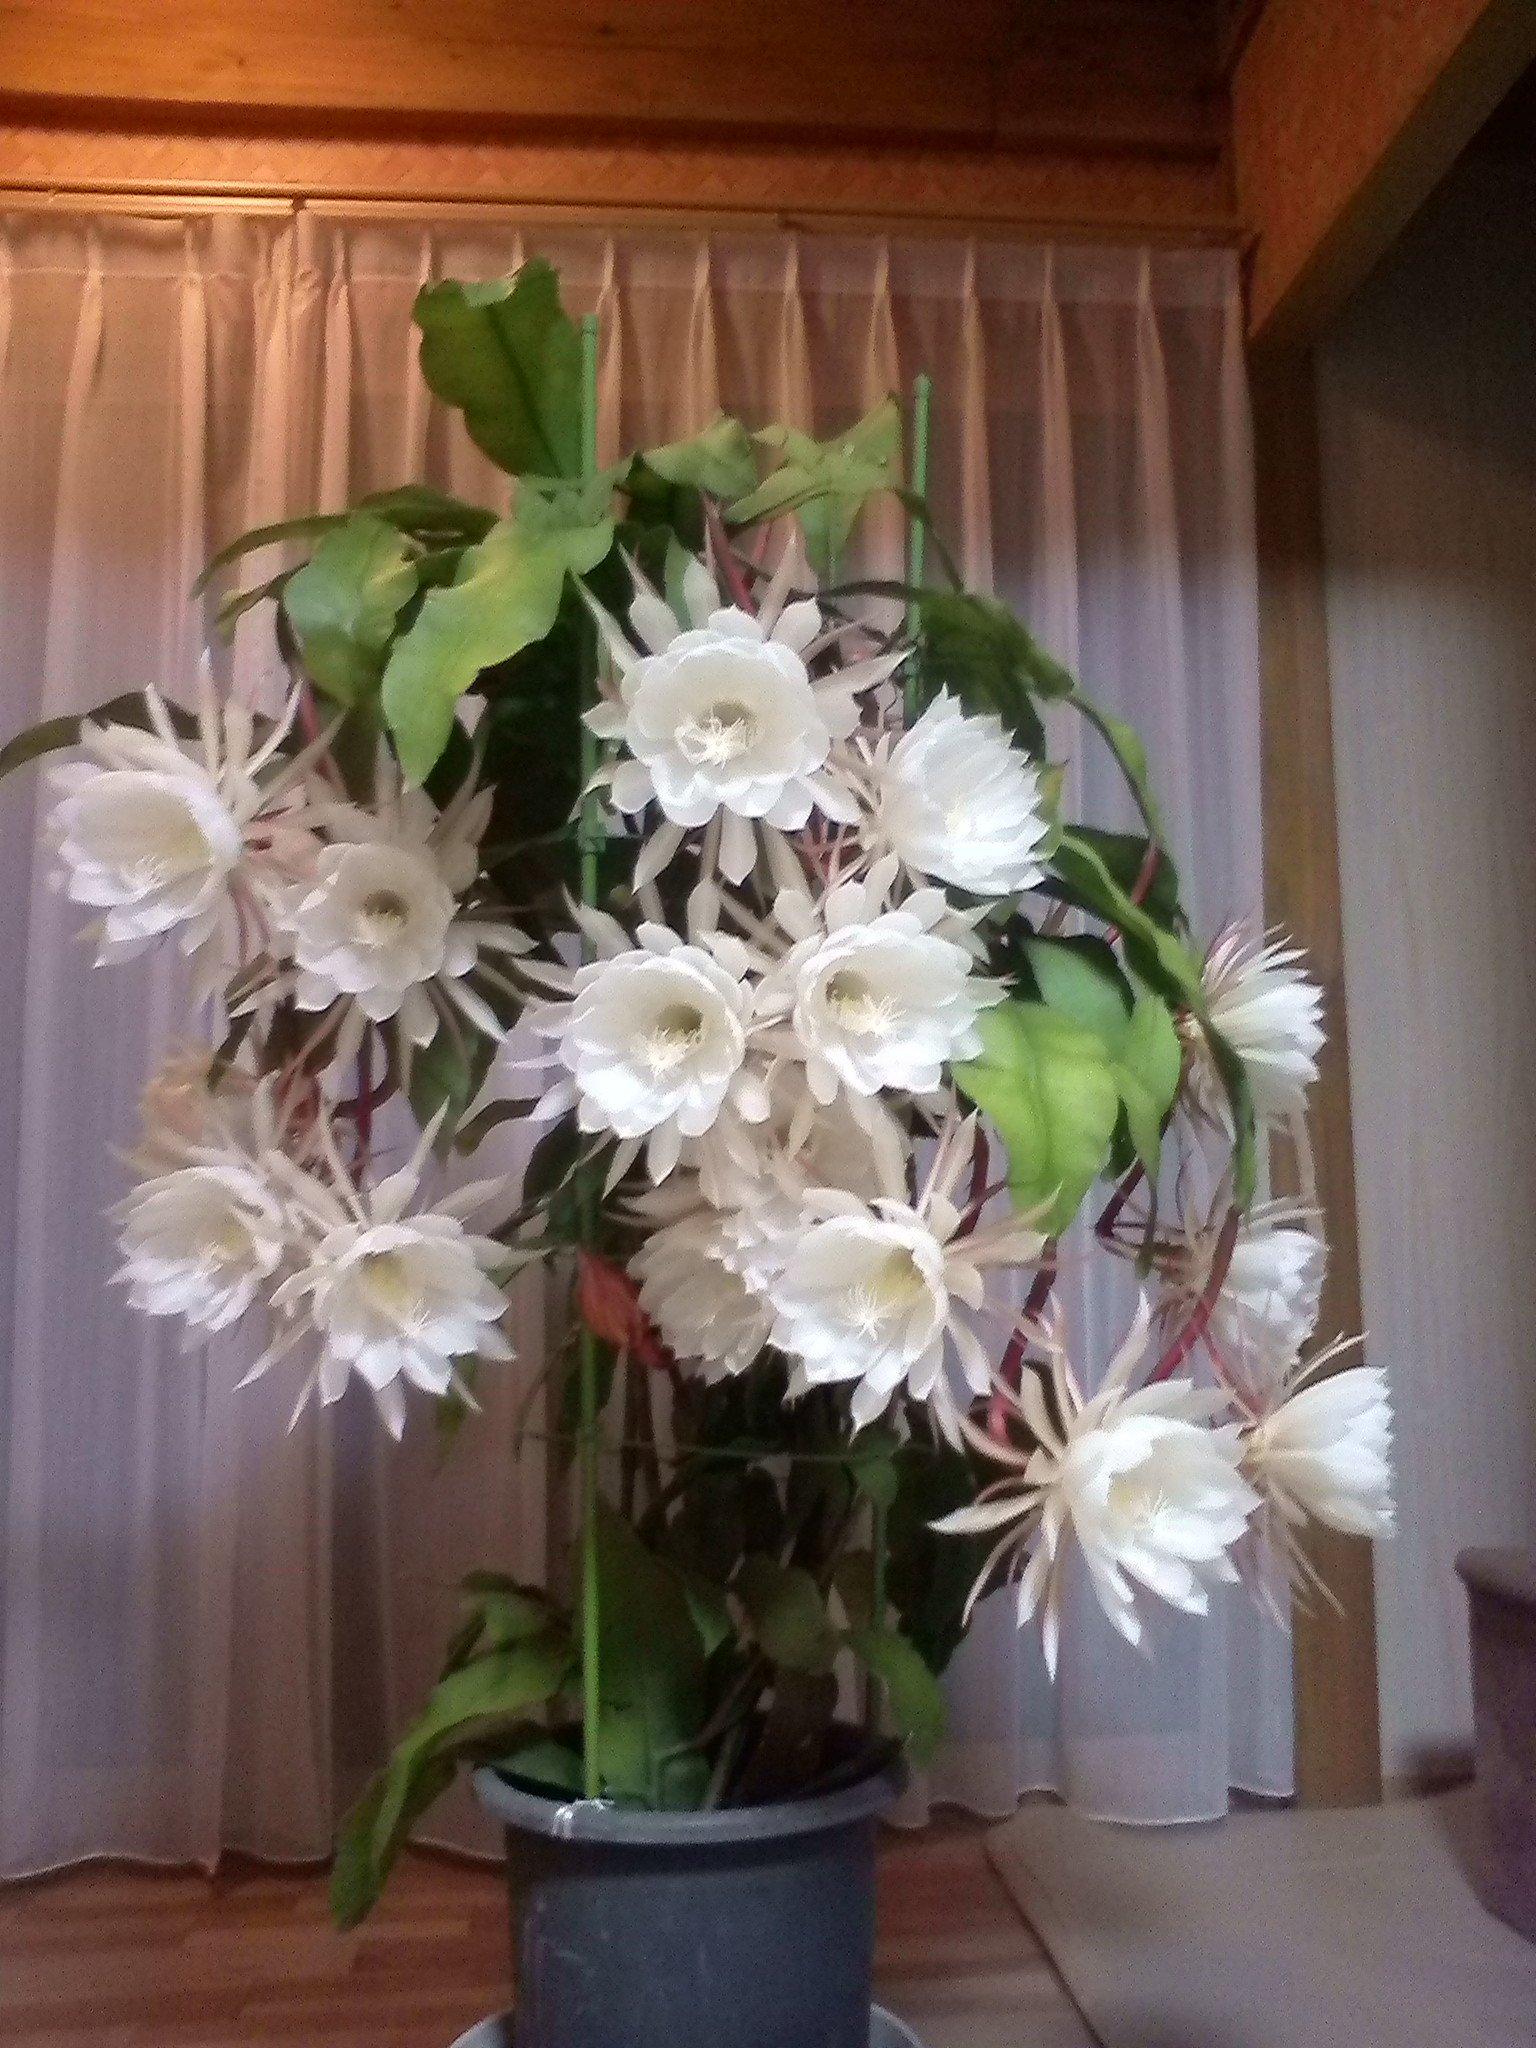 お母さんが育てた月下美人すごいことになってるらしい。18輪一度に咲いたらしい。お母さんすごい。